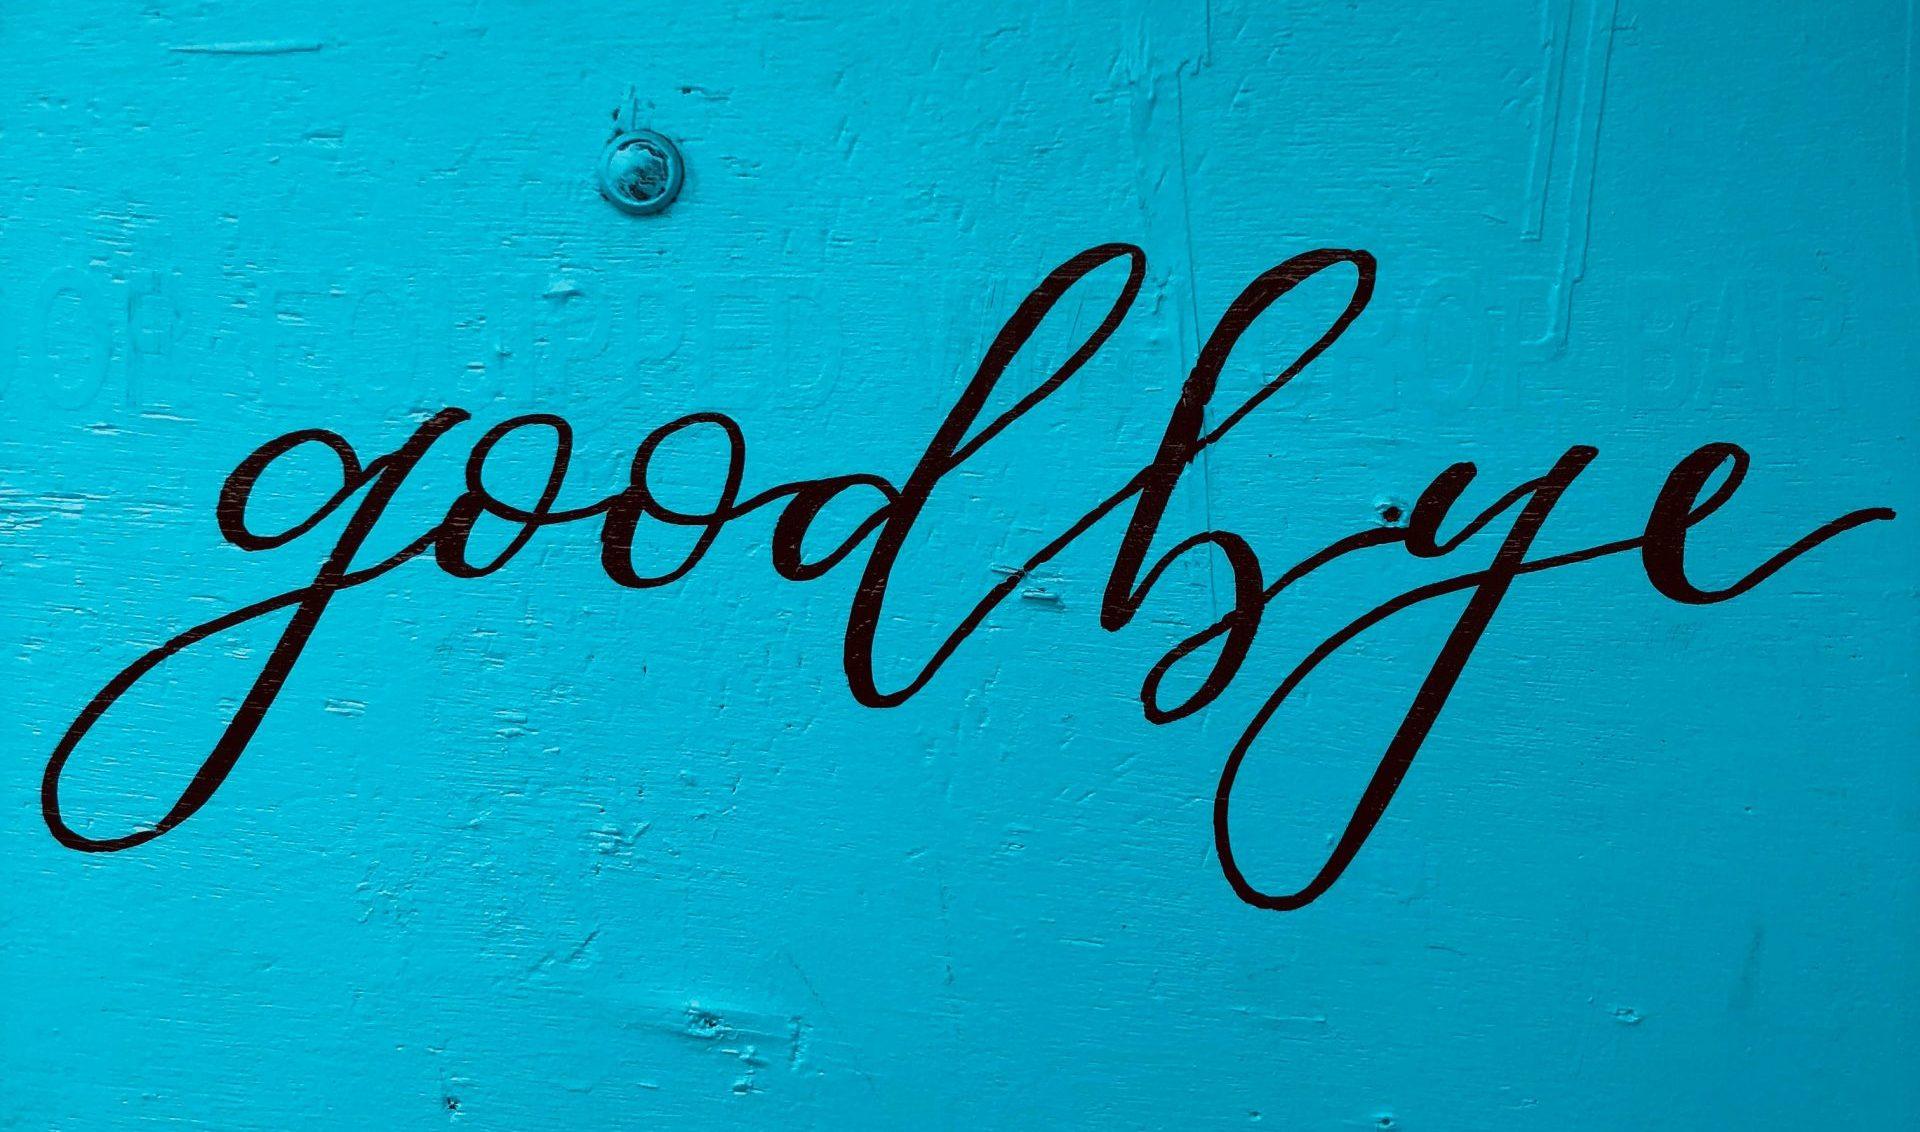 farvel, goodbye (Foto: Unsplash)